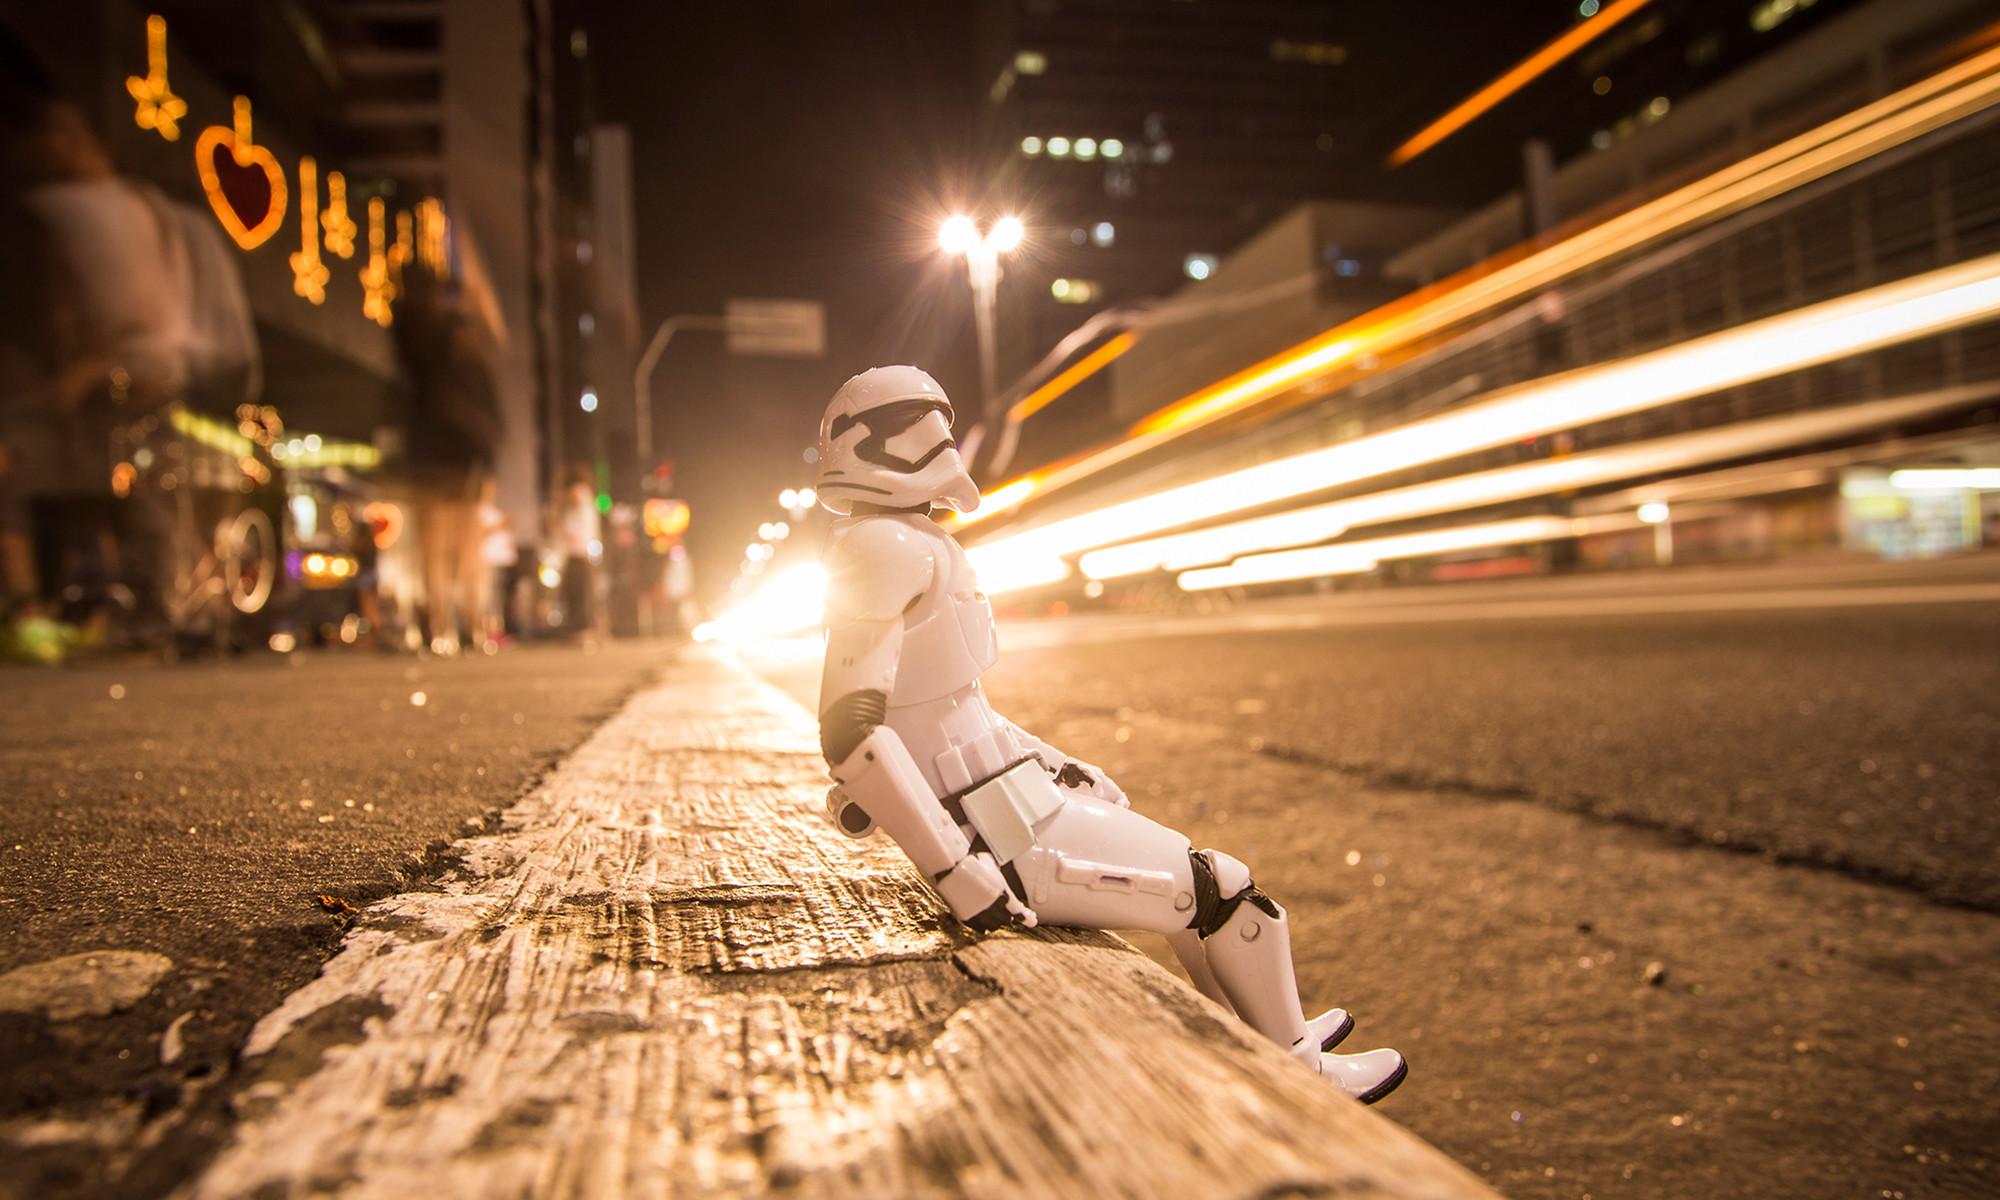 Criação de imagens | Star Wars